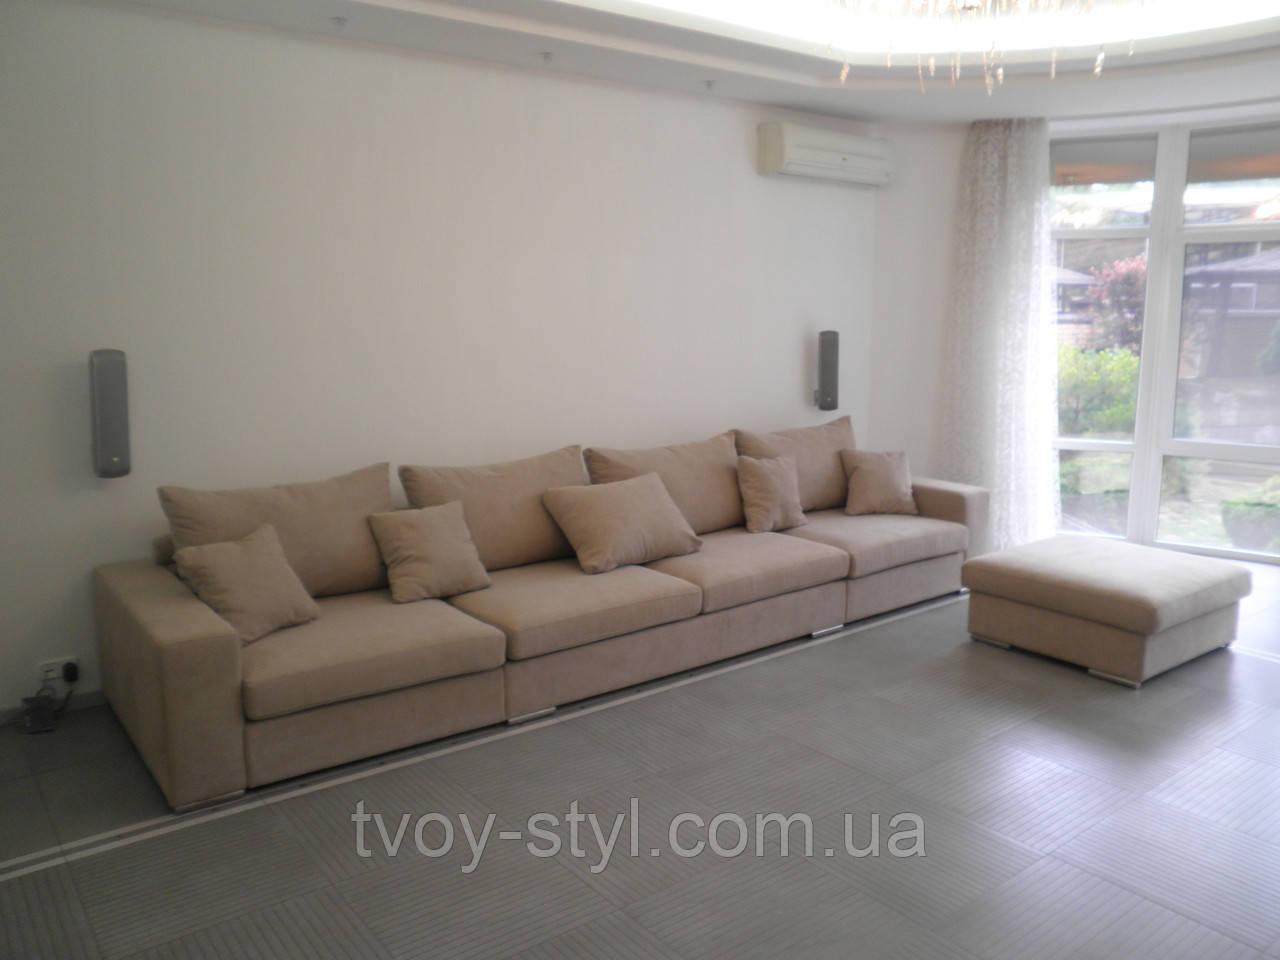 Мягкая мебель  Днепропетровск